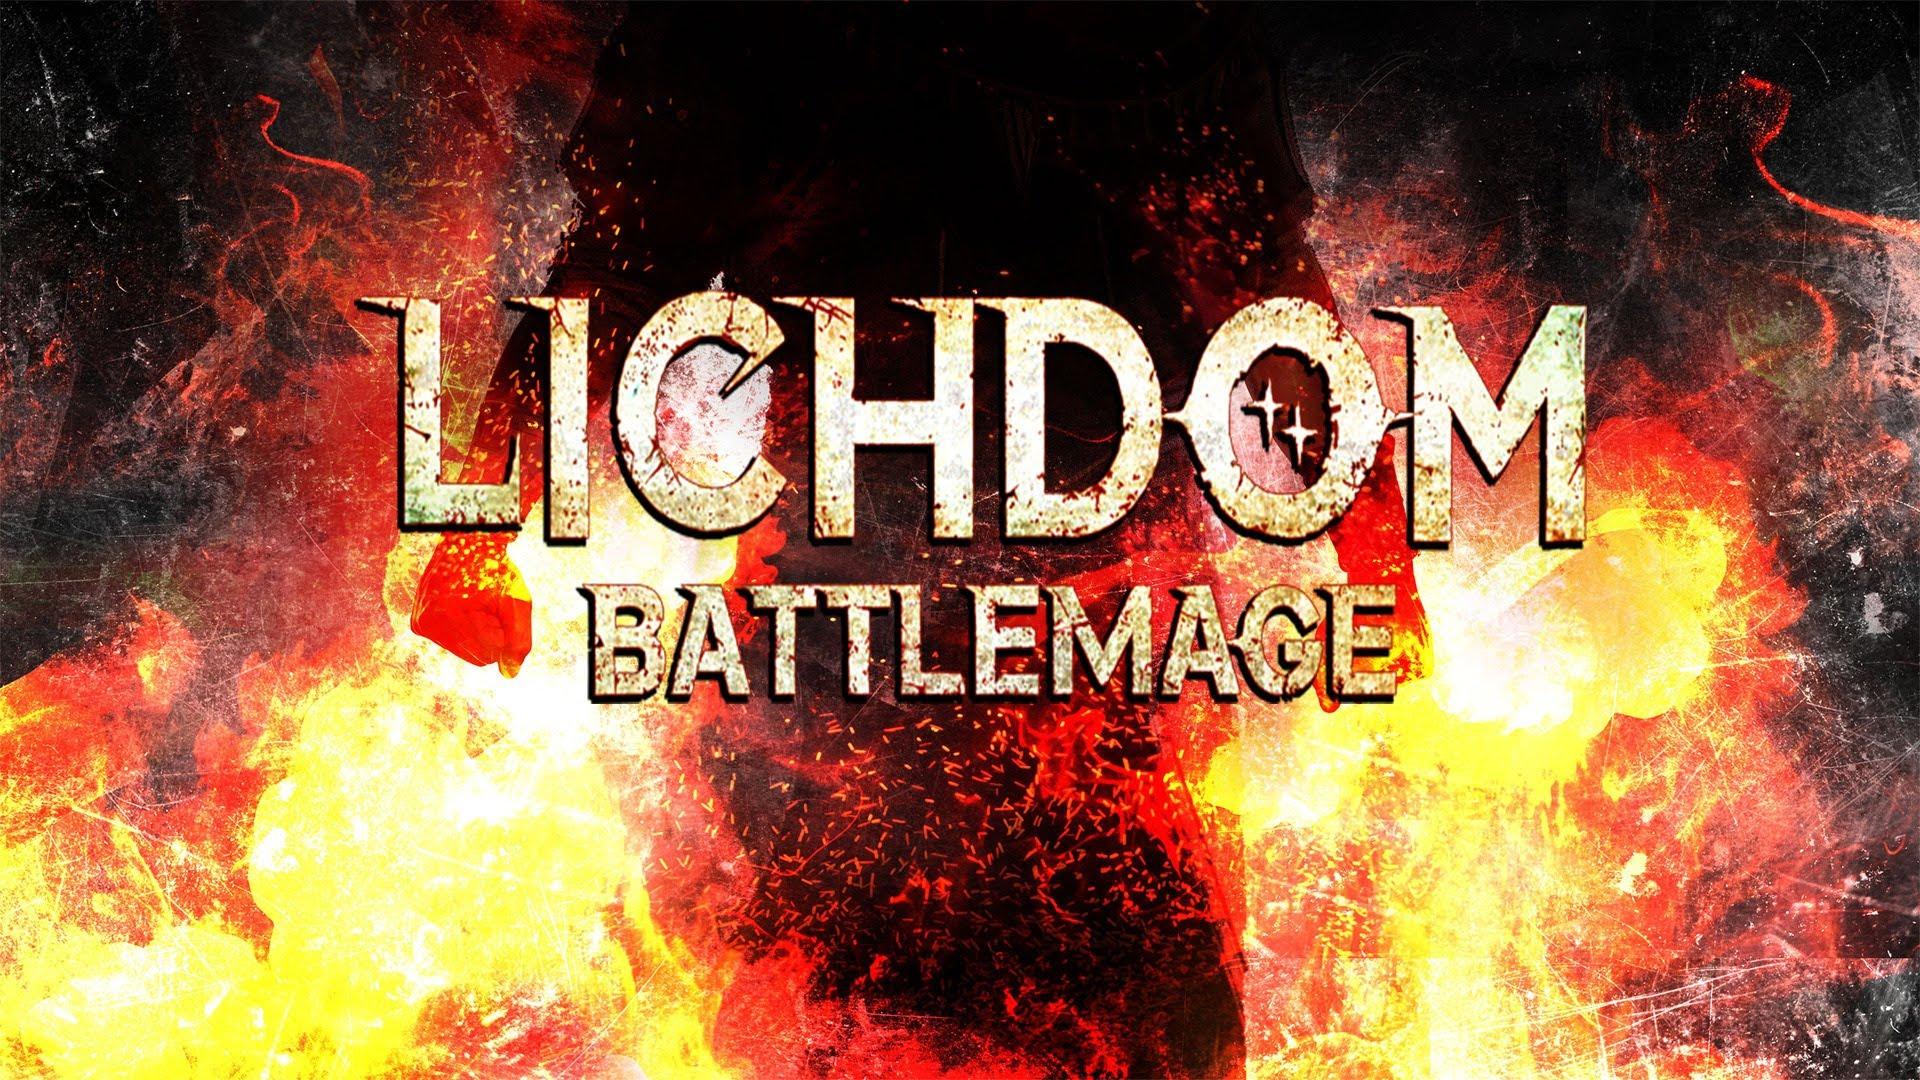 lichdome battlemage